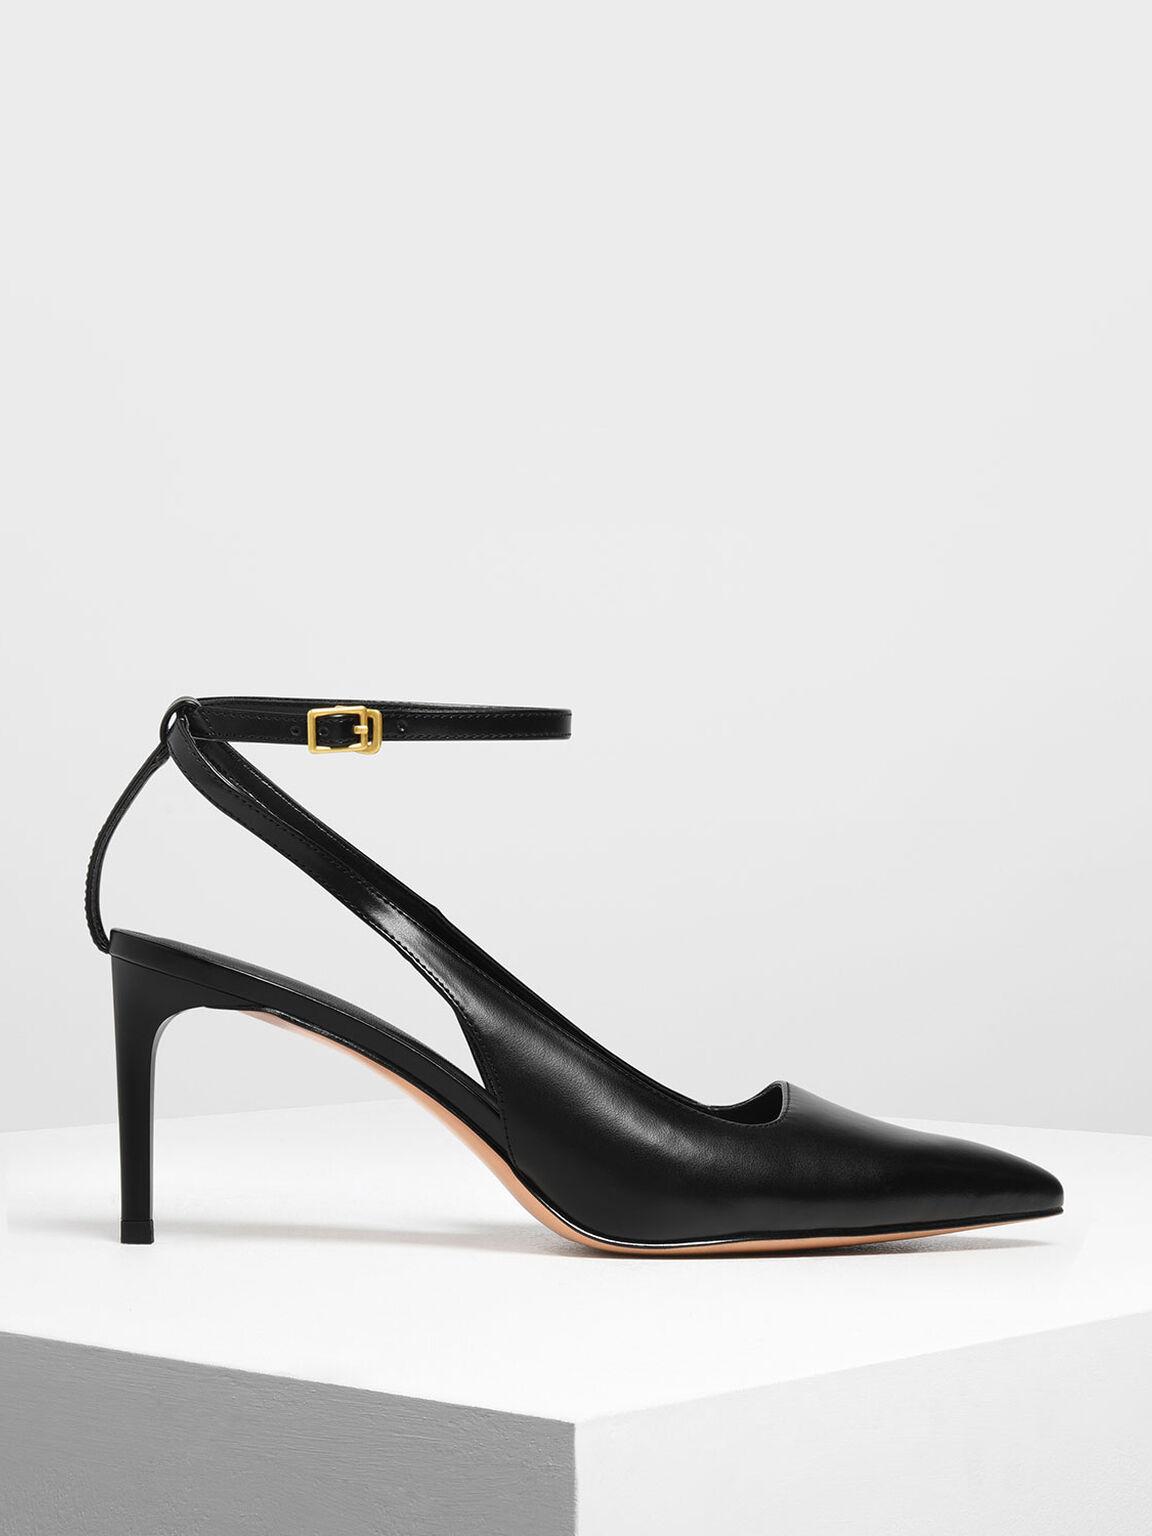 Ankle Strap Slingback Pumps, Black, hi-res